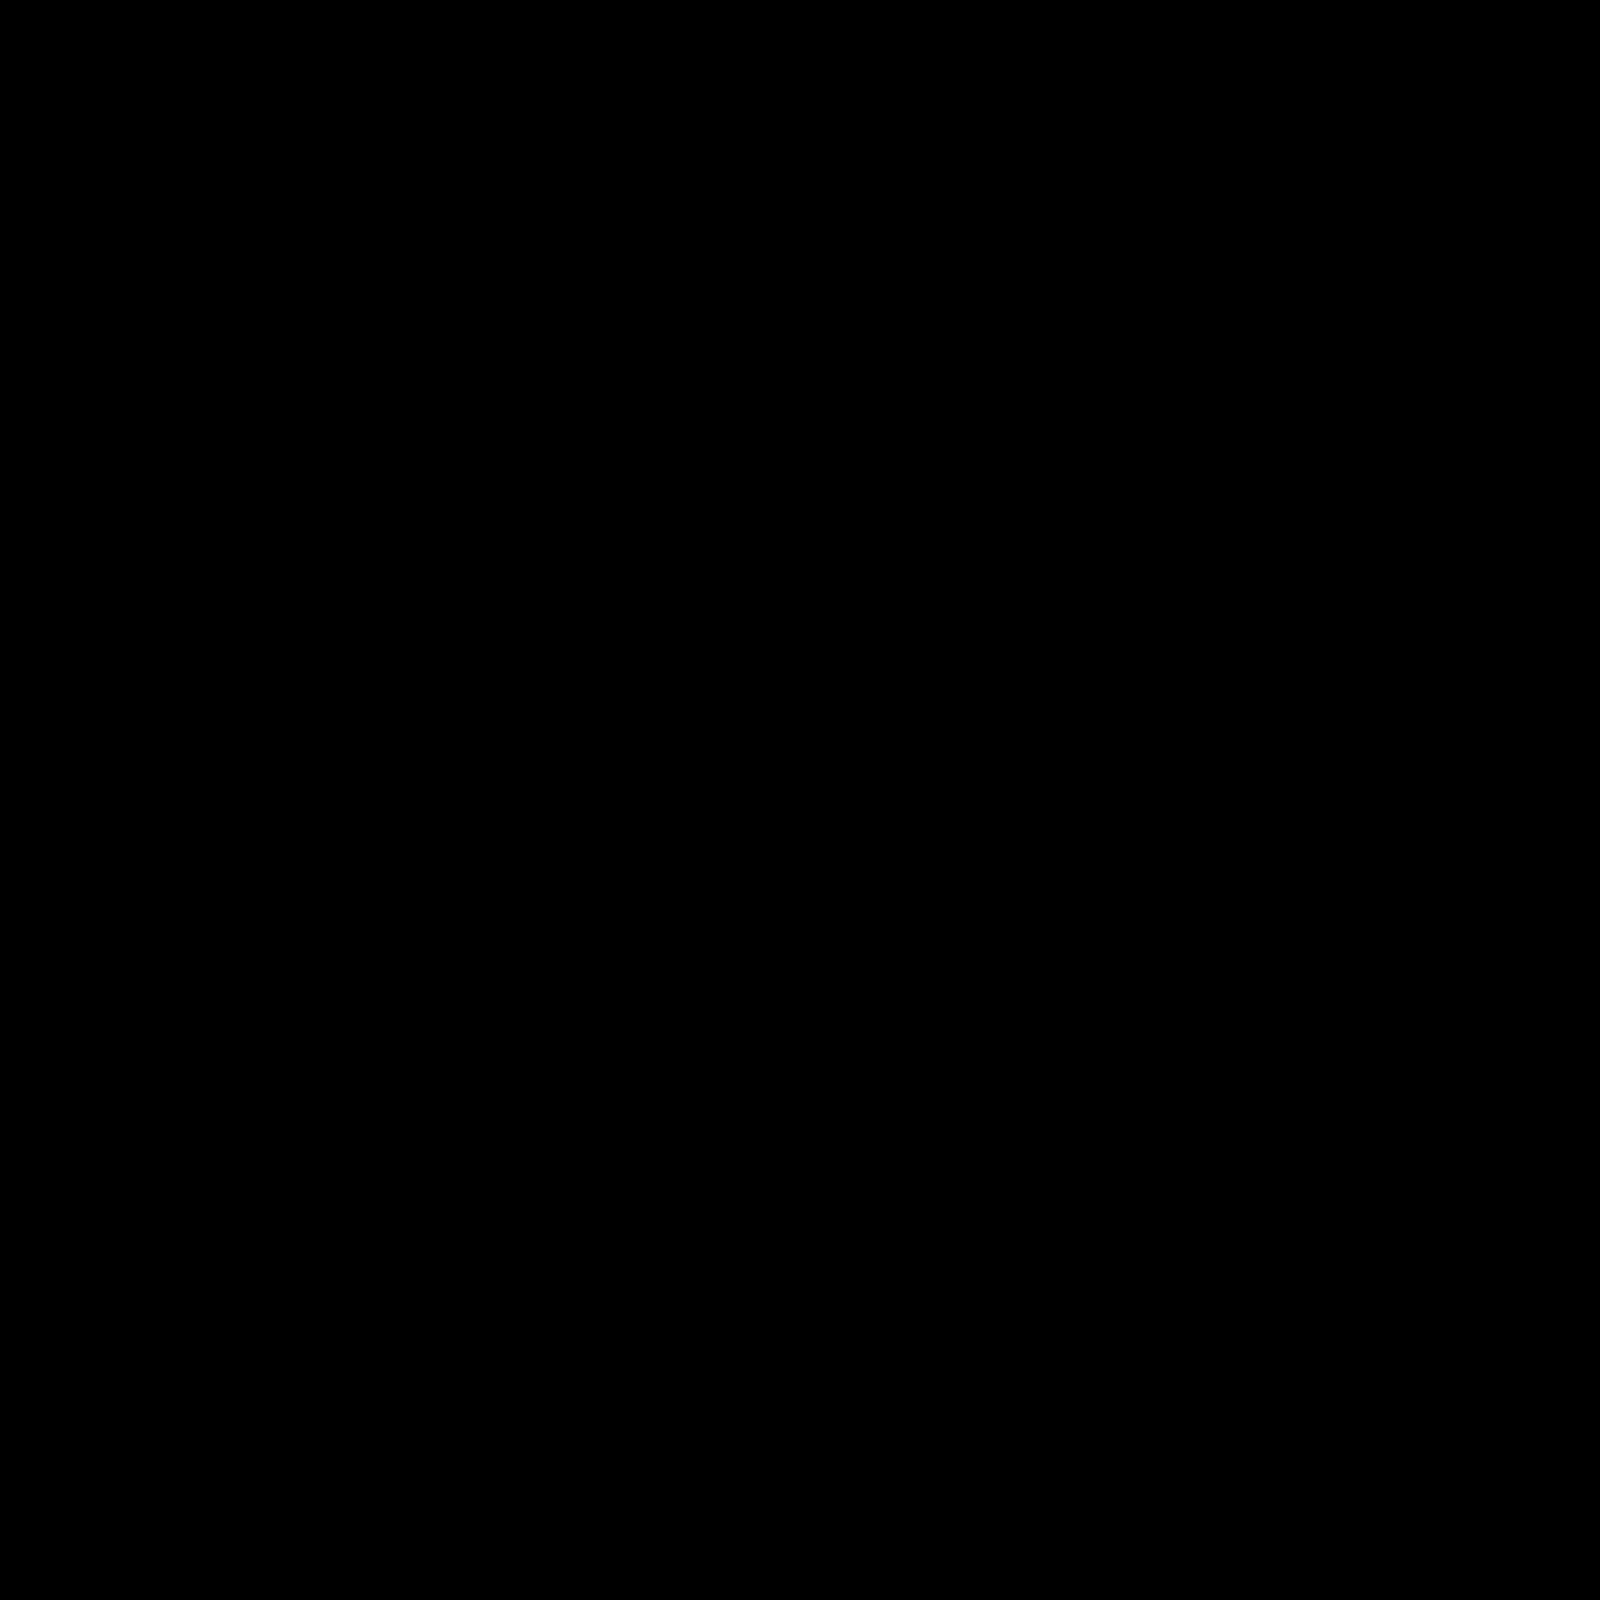 Chmurka błędu icon